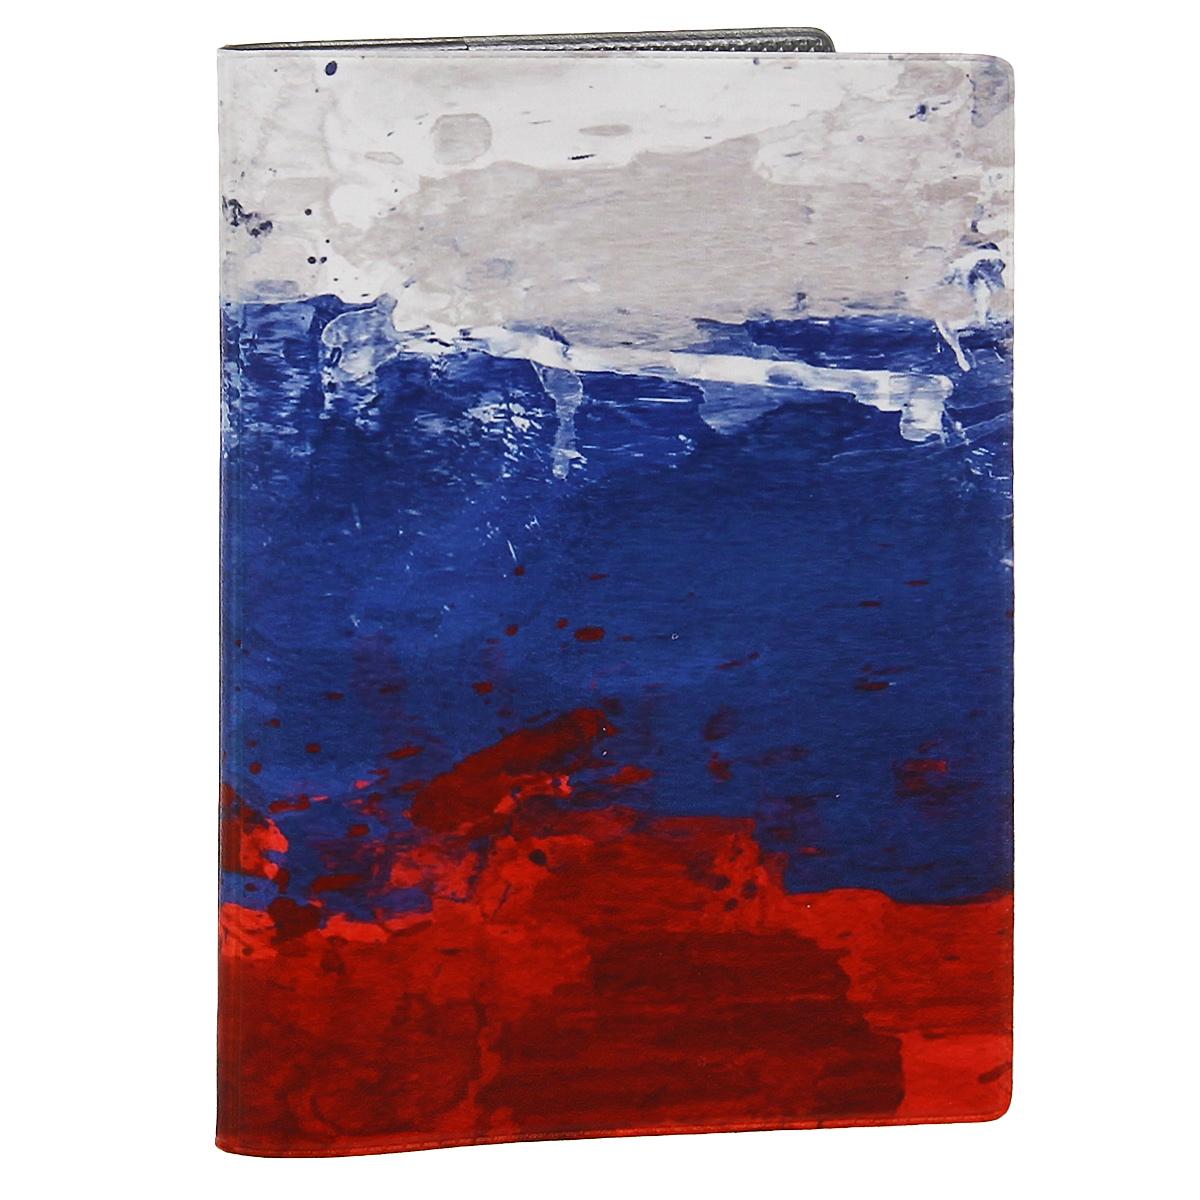 Обложка для автодокументов Флаг Российской Федерации. AUTOZAM293AUTOZAM293Обложка для автодокументов Mitya Veselkov Флаг Российской Федерации изготовлена из прочного ПВХ и стилизована под нарисованный красками флаг Российской Федерации. На внутреннем развороте имеются съемный блок из шести прозрачных файлов из мягкого пластика для водительских документов, один из которых формата А5, а также два боковых кармашка для визиток или банковских карт. Стильная обложка не только поможет сохранить внешний вид ваших документов и защитит их от грязи и пыли, но и станет аксессуаром, который подчеркнет вашу яркую индивидуальность.